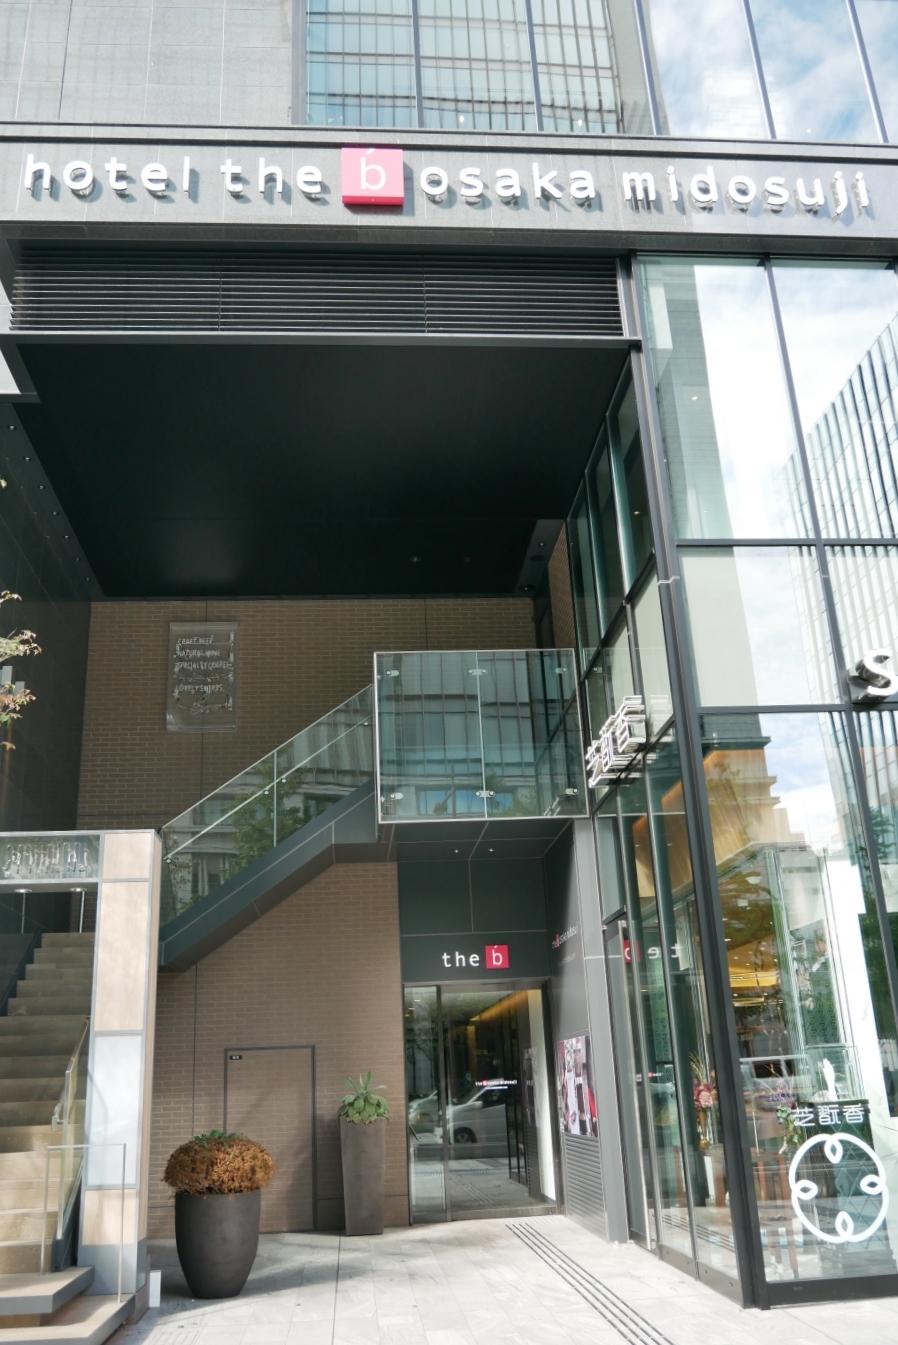 [大阪住宿]the b osaka midosuji.the b大阪御堂筋|鄰近心齋橋商店街~2019全新落成新飯店 @VIVIYU小世界